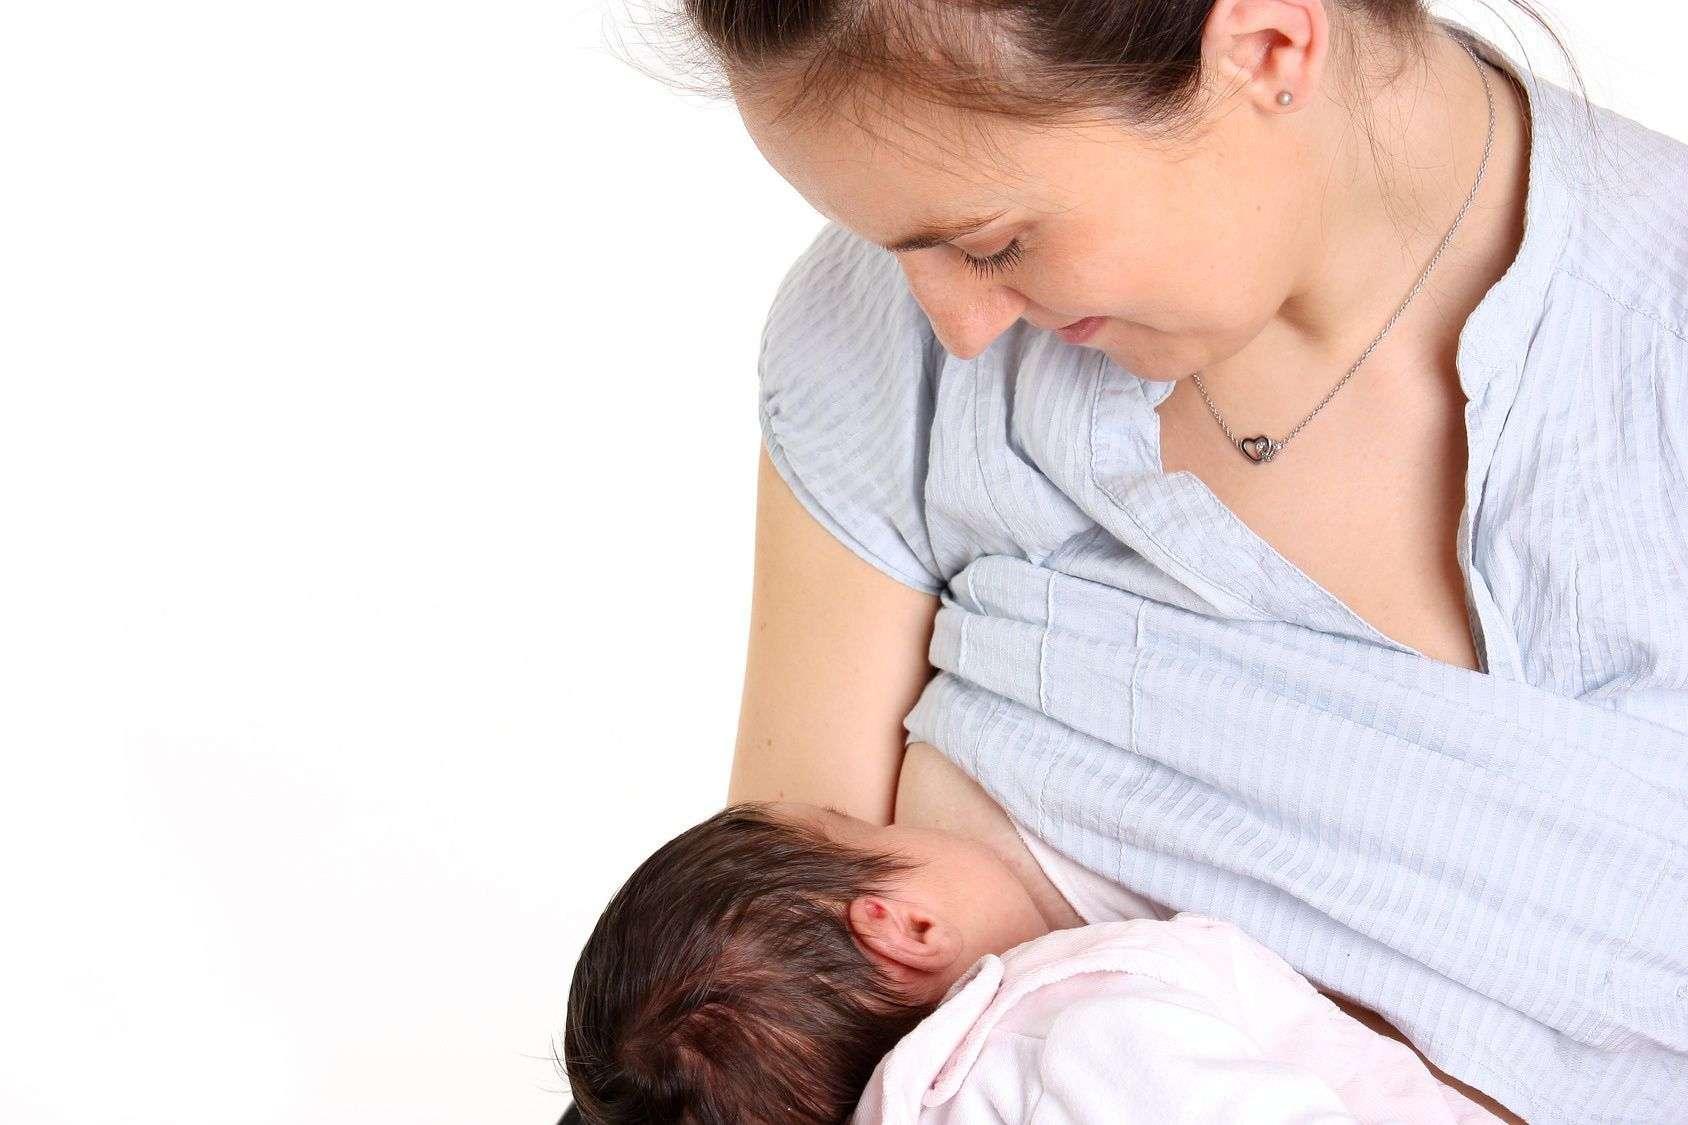 Лактационная аменорея: что это такое и эффективен ли этот метод контрацепции после родов?